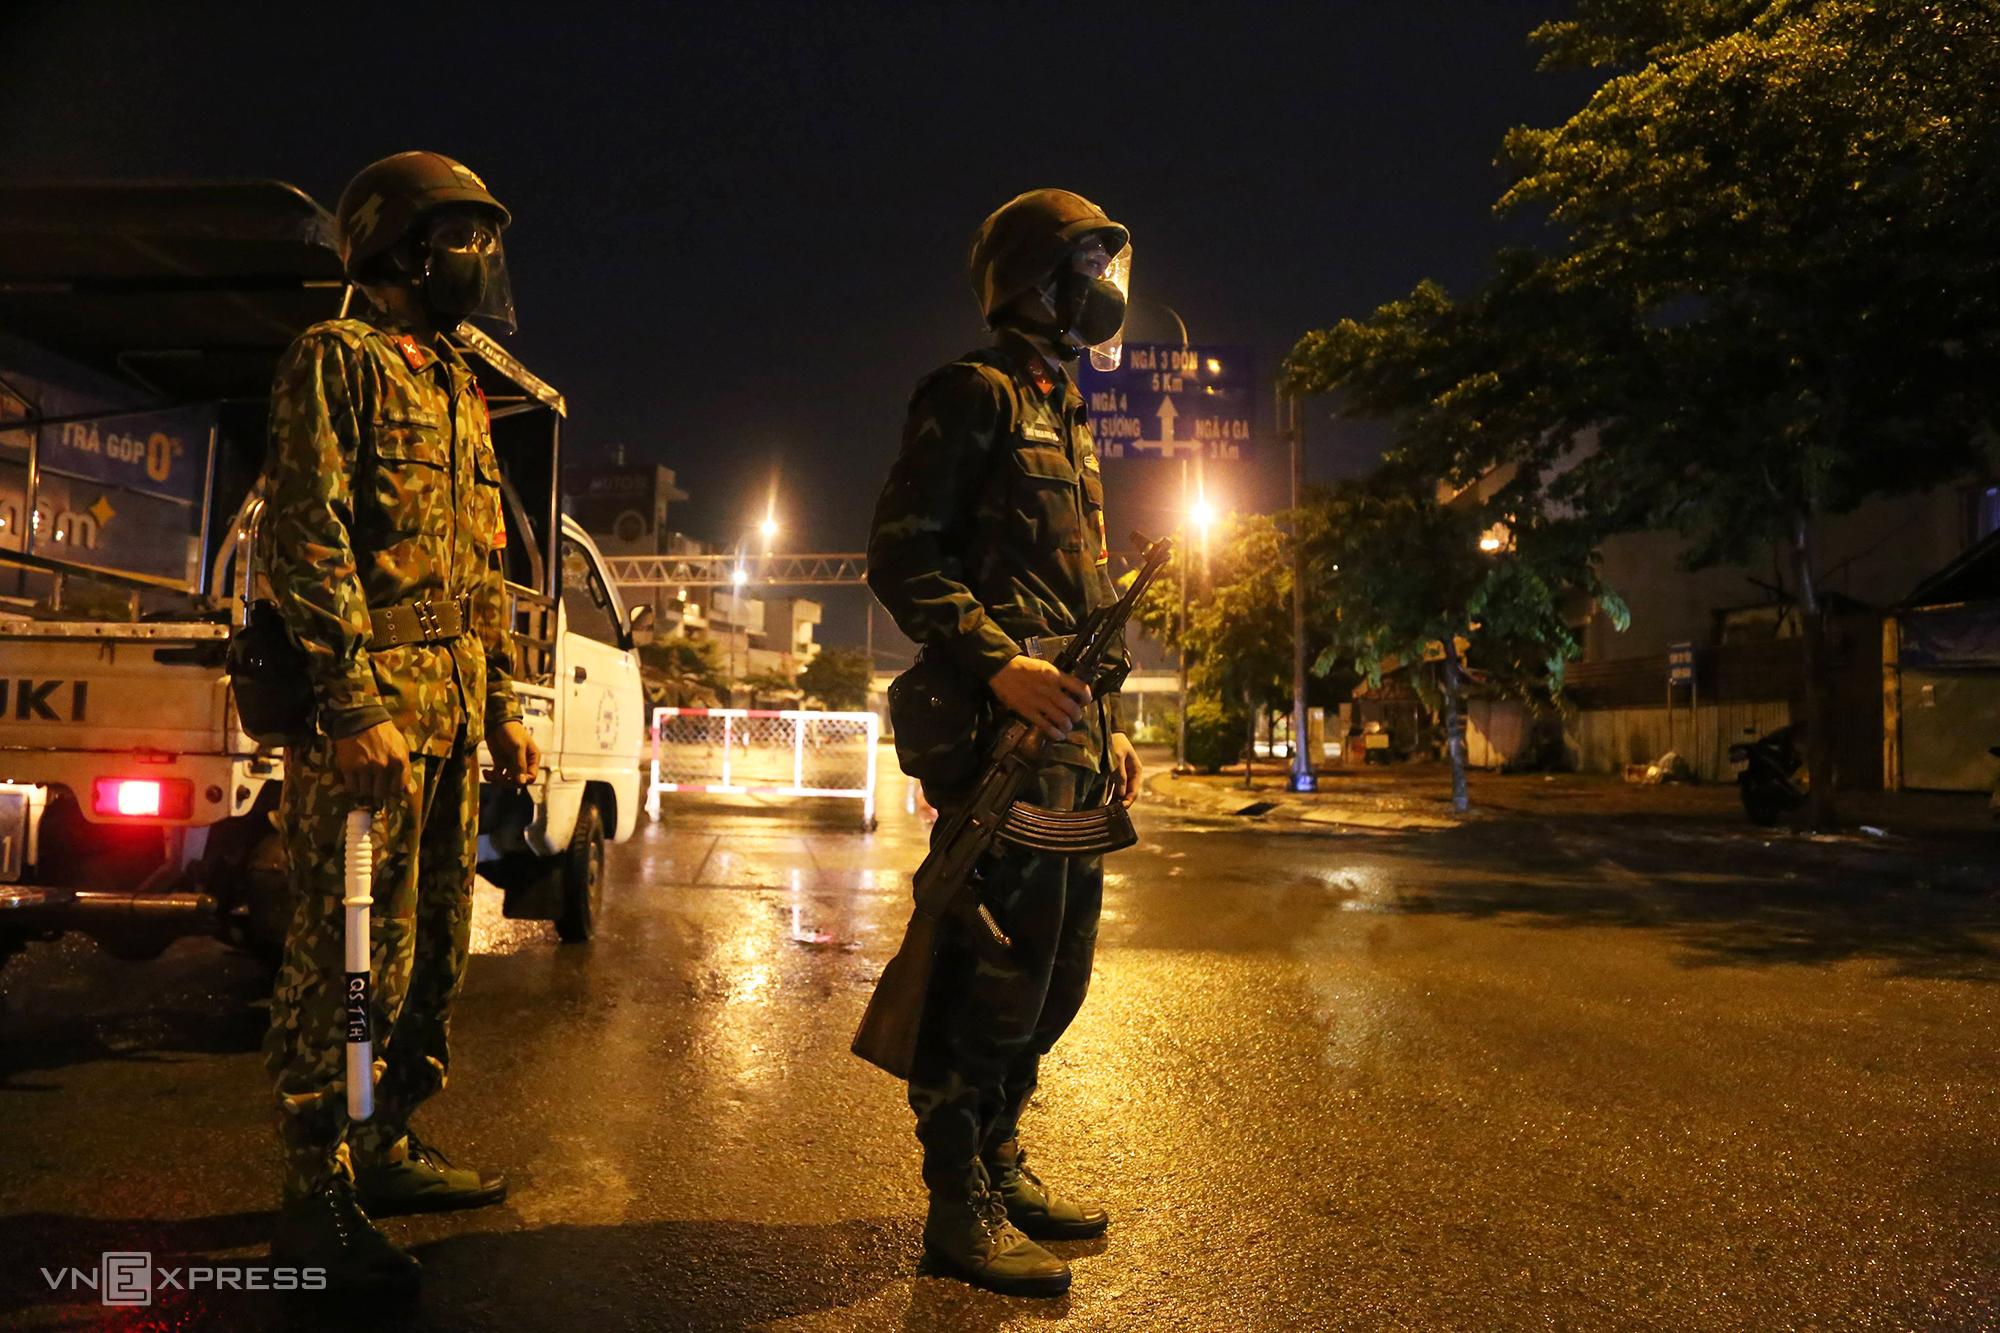 Hai chiến sĩ làm nhiệm vụ tại chốt kiểm soát cầu Trường Đai, quận 12, sau 0h ngày 23/8. Ảnh: Đình Văn